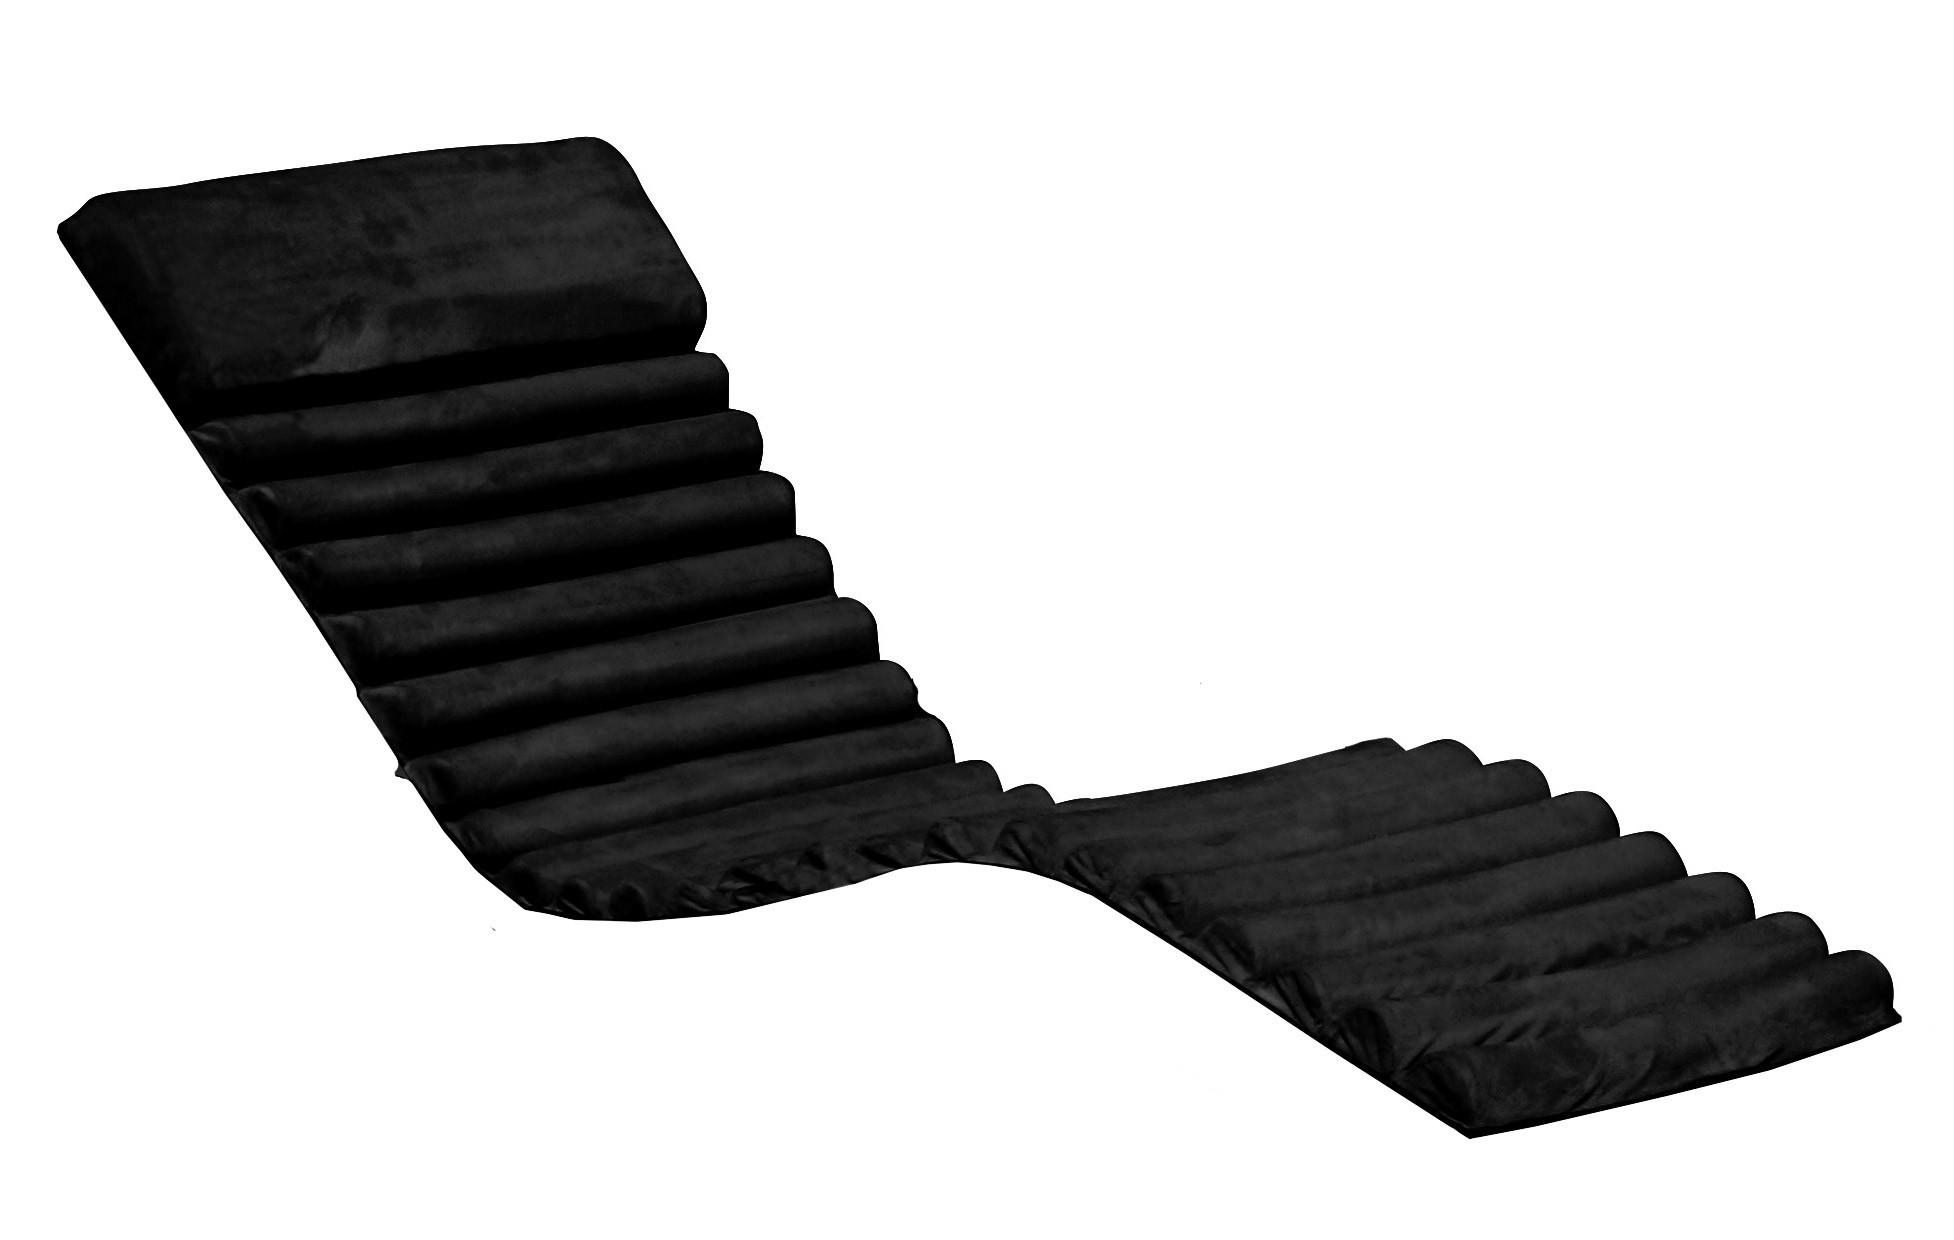 polster auflage f r sonnenliege schwarz bei. Black Bedroom Furniture Sets. Home Design Ideas